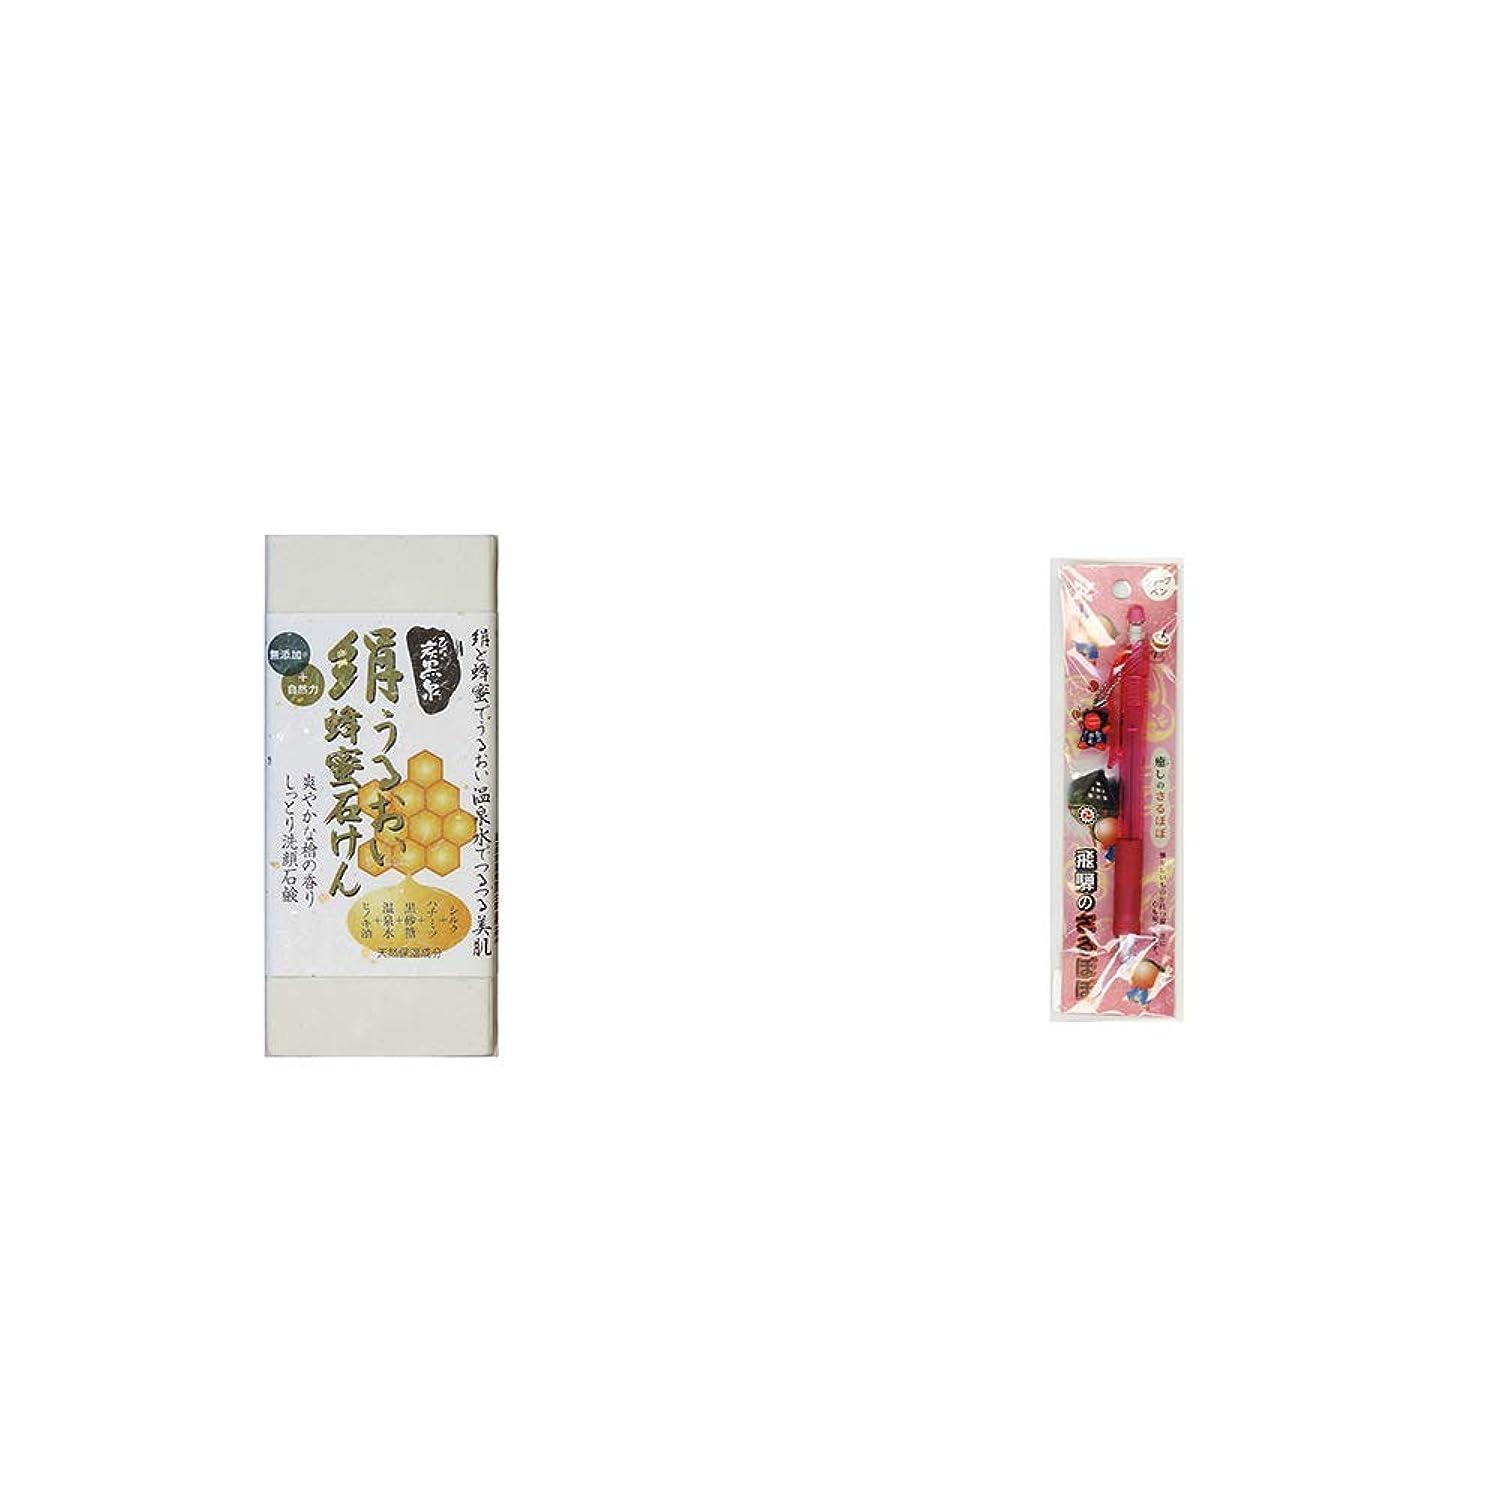 汚染するリスク気楽な[2点セット] ひのき炭黒泉 絹うるおい蜂蜜石けん(75g×2)?さるぼぼ 癒しシャープペン 【ピンク】